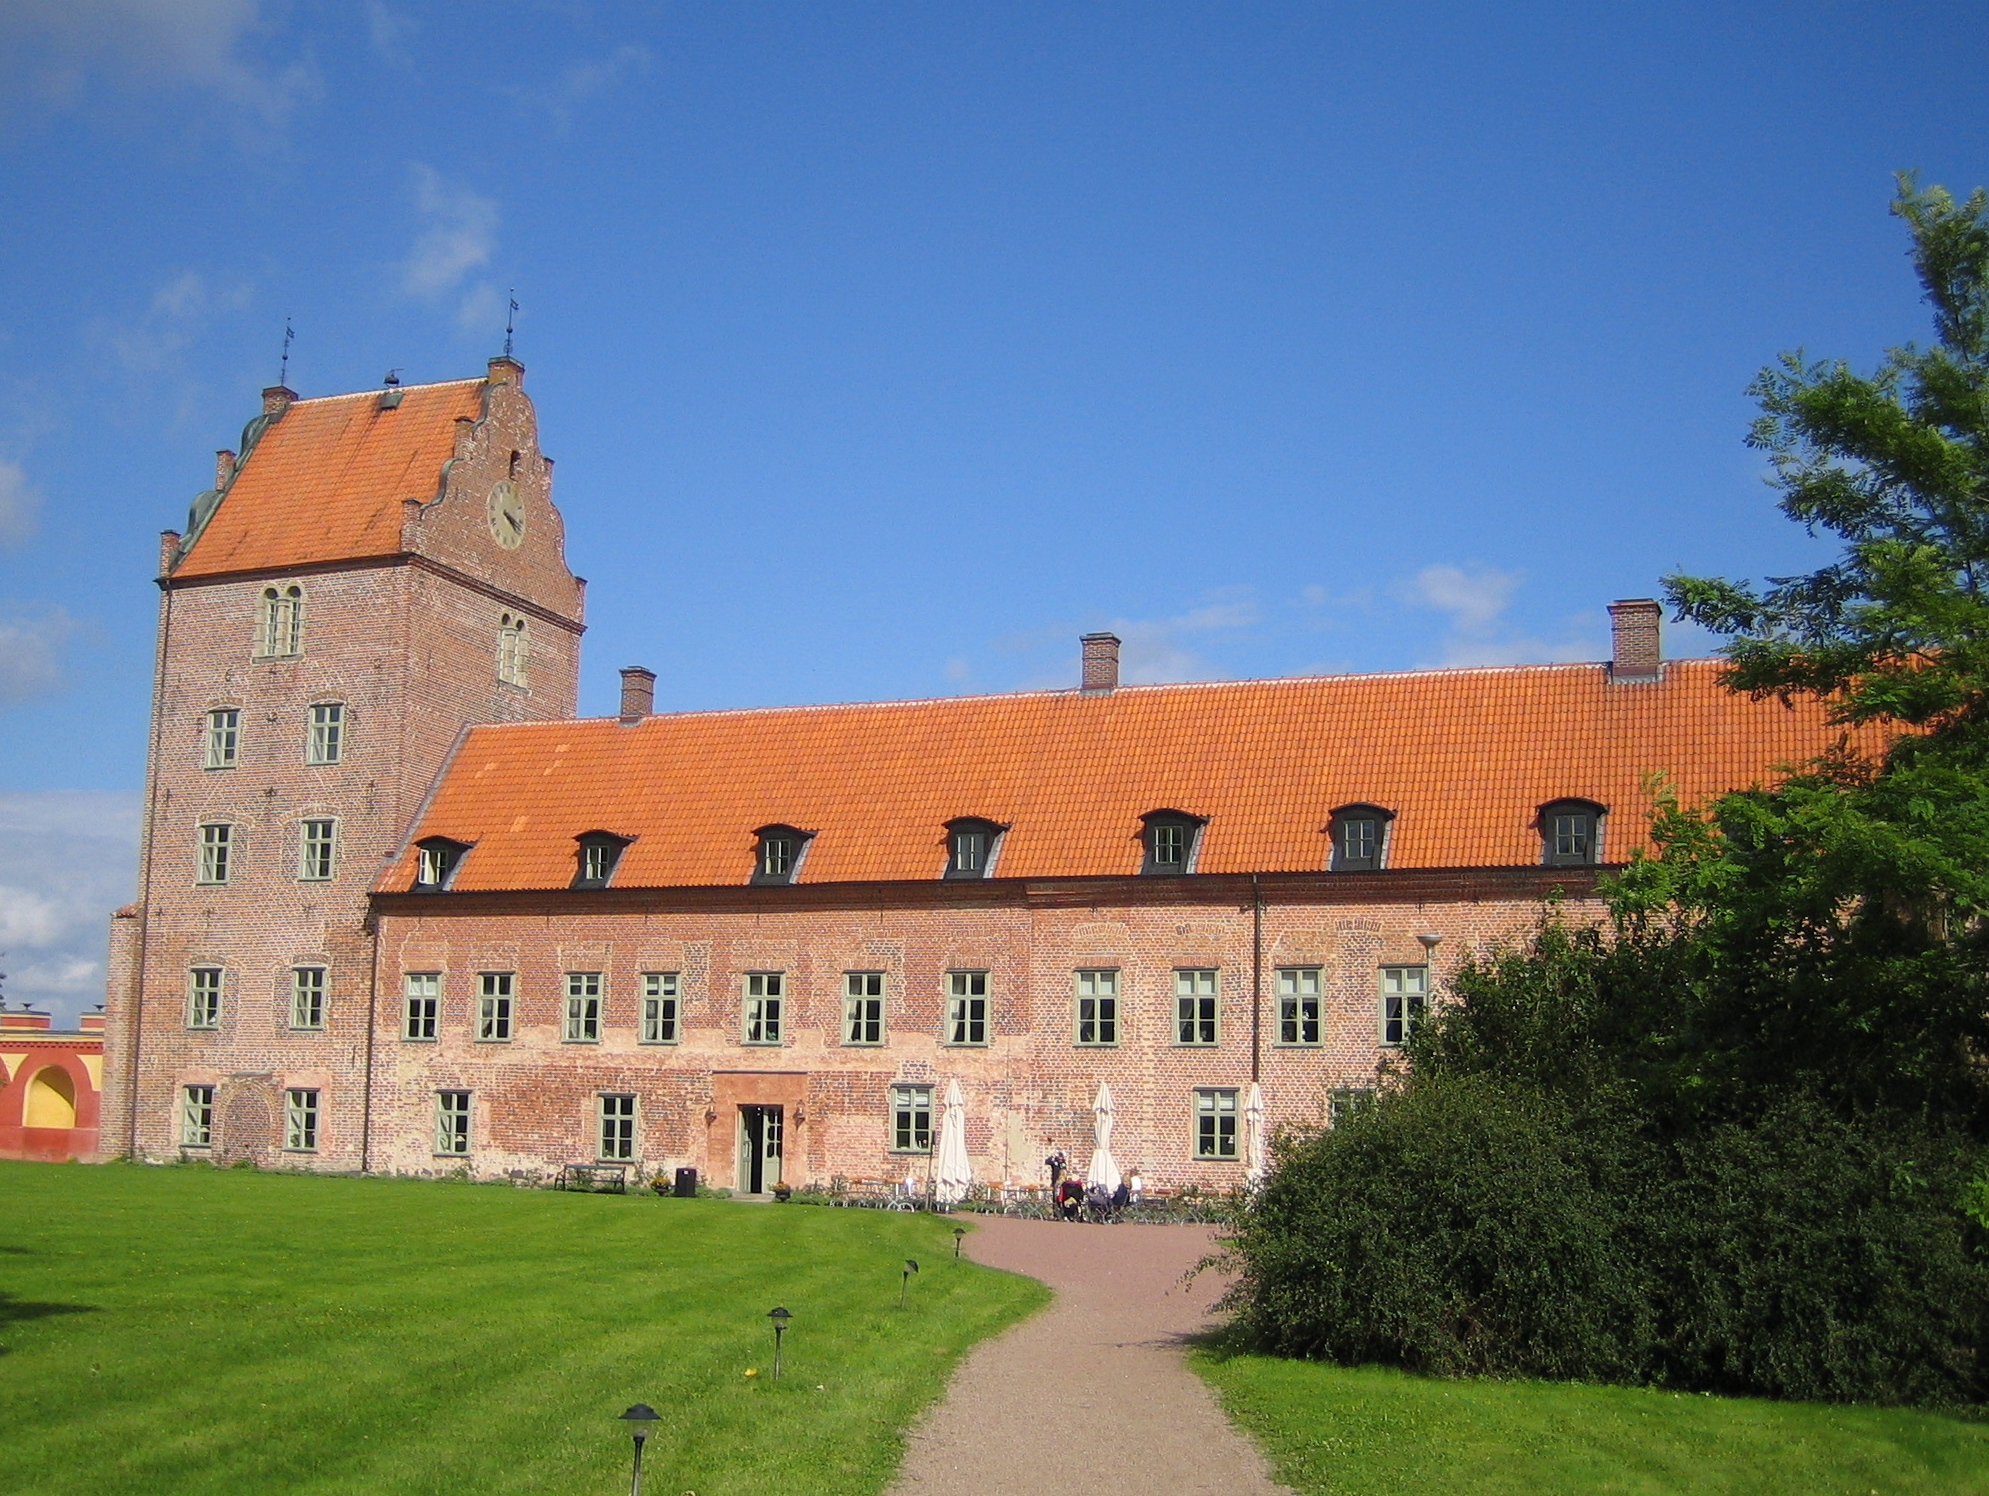 Uno Svenningsson - Bckaskog Slott - Den Orangea staden